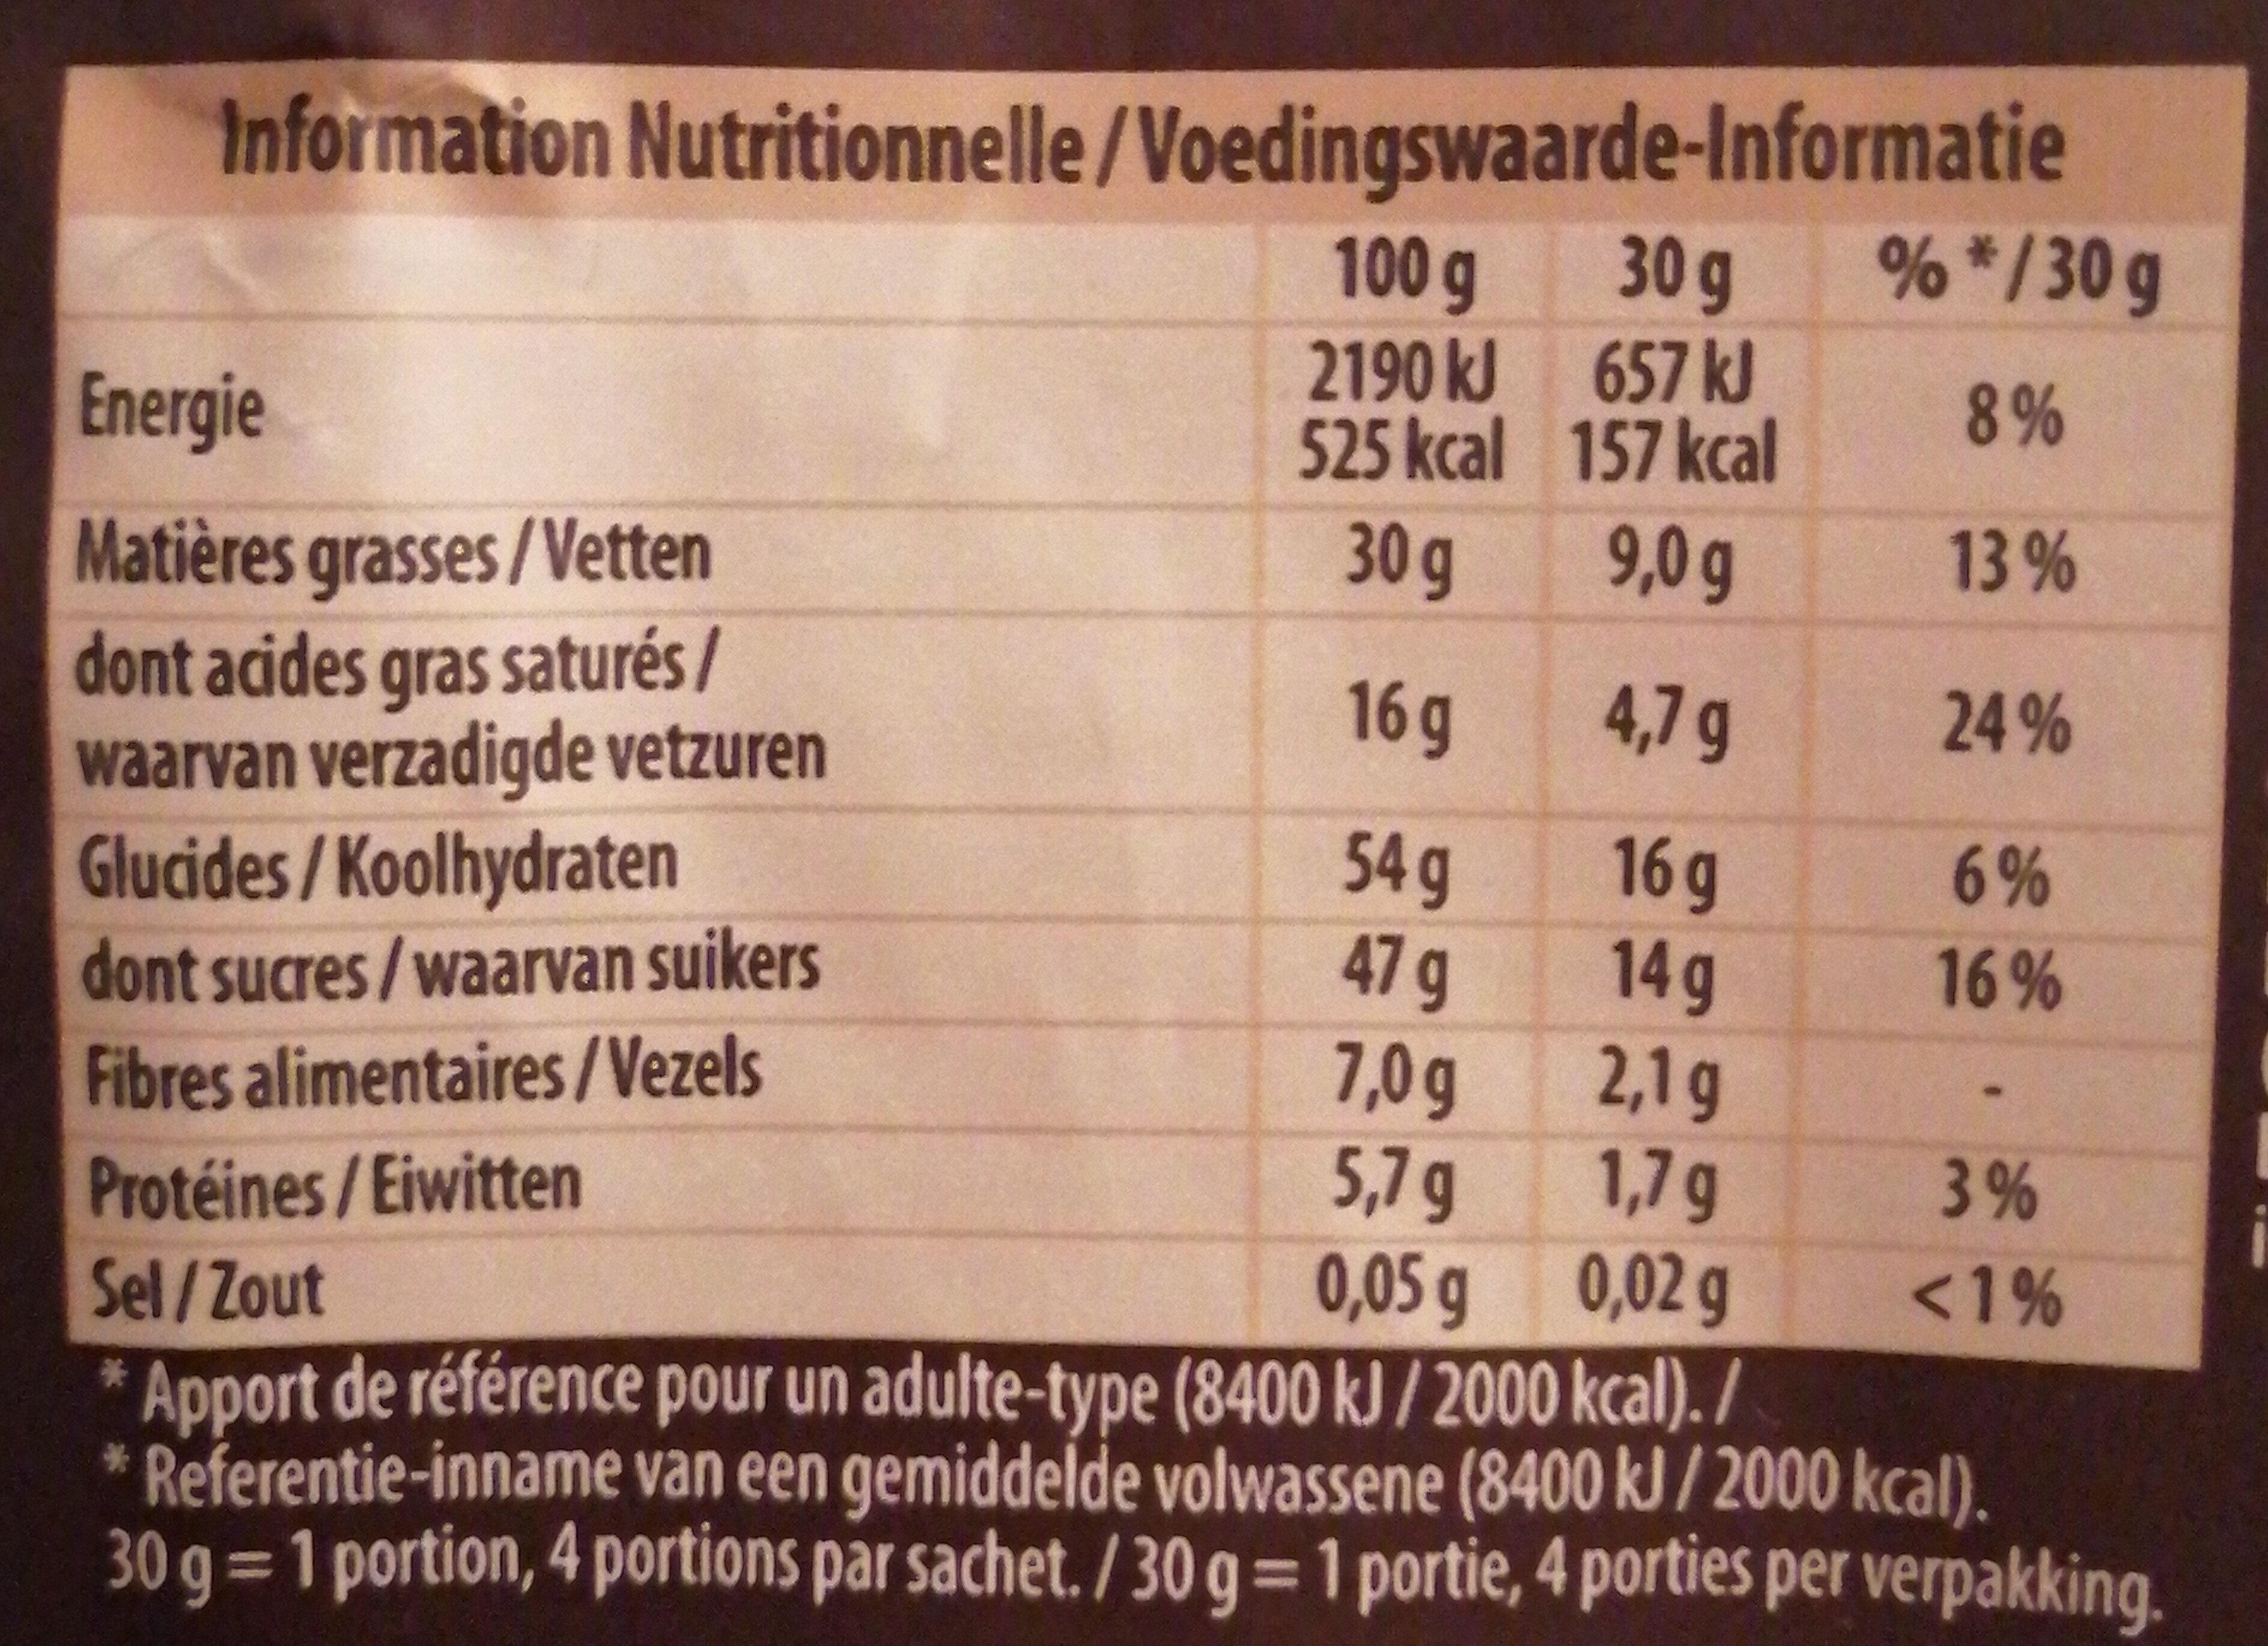 Éclats bruts noisettes & raisins - Nutrition facts - fr